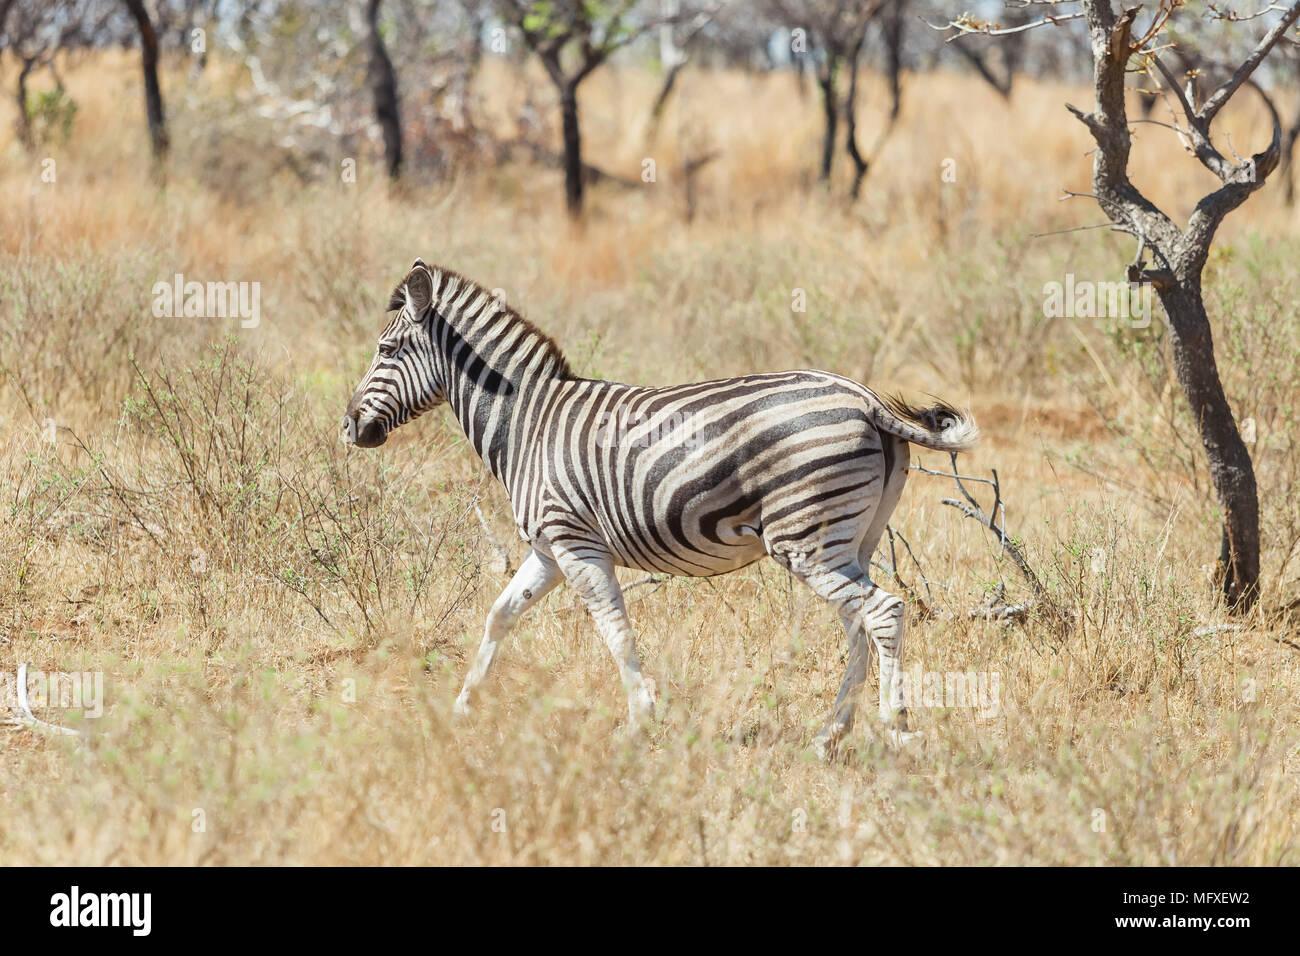 Fotografiado en un safari en una reserva de caza de Sudáfrica Imagen De Stock